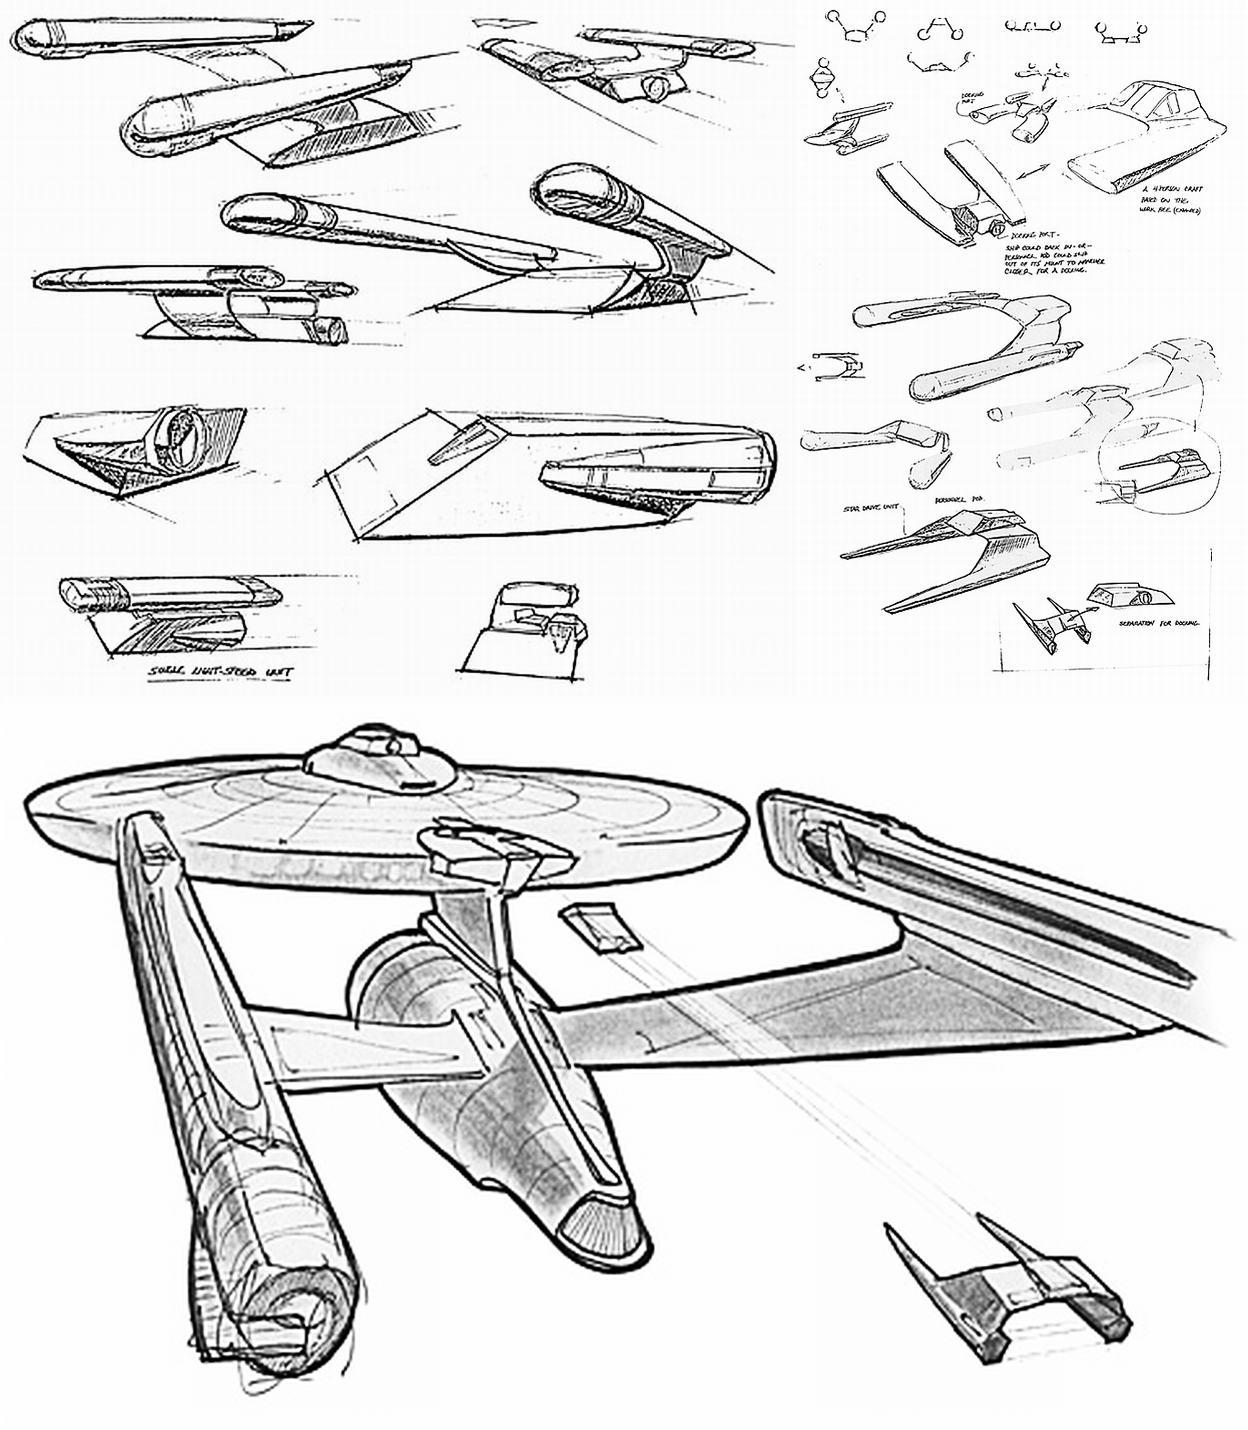 unused space shuttle design -#main